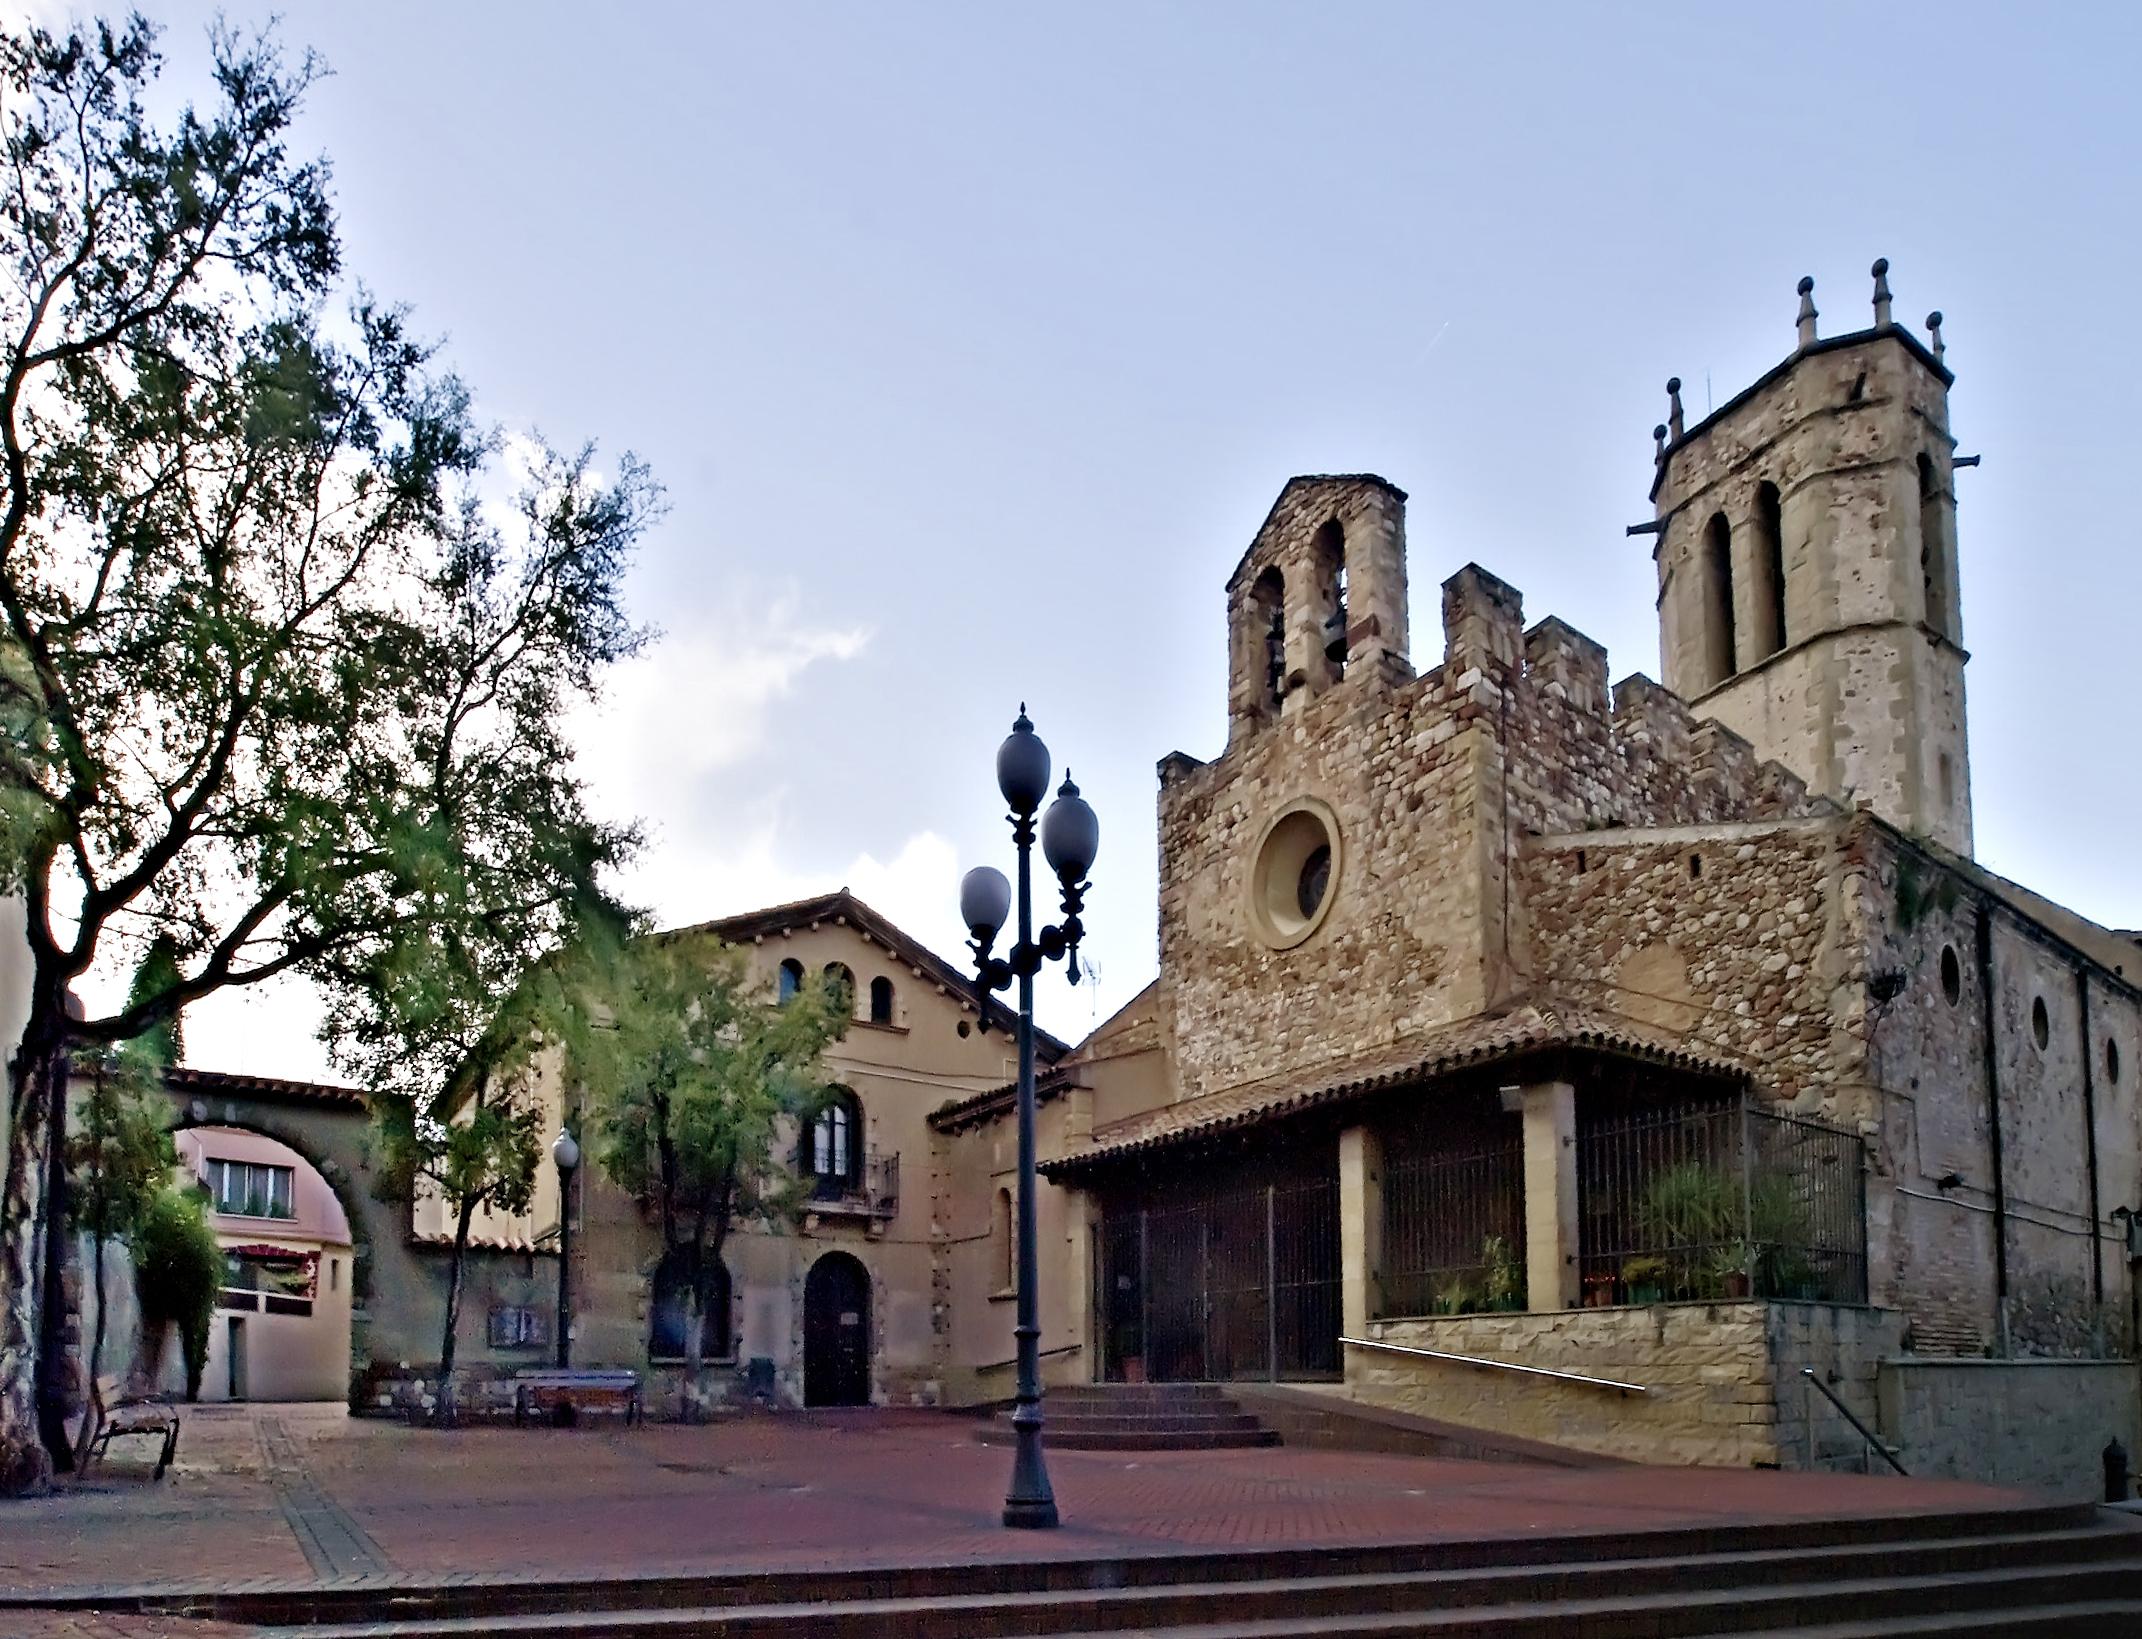 Afternoon day 1: Between Mogoda and Santiga